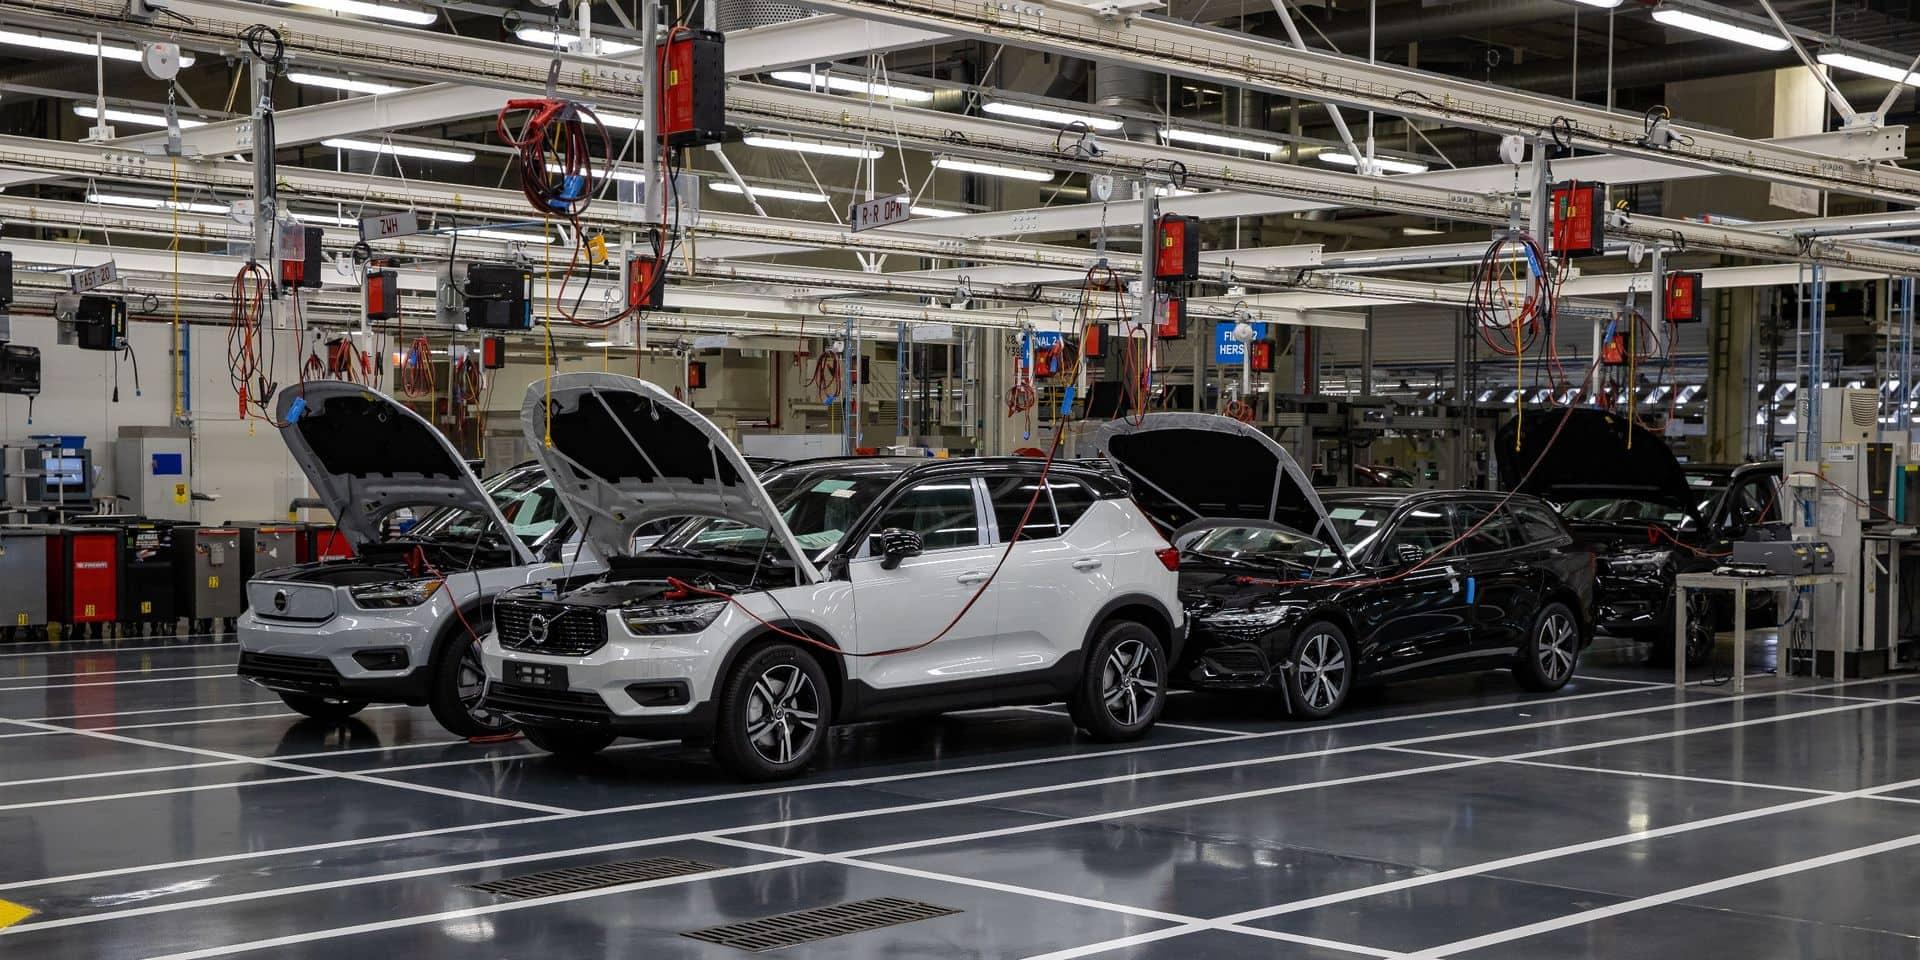 Pour des industries comme l'automobile ou l'aéronautique, l'accord commercial était d'une importance capitale.